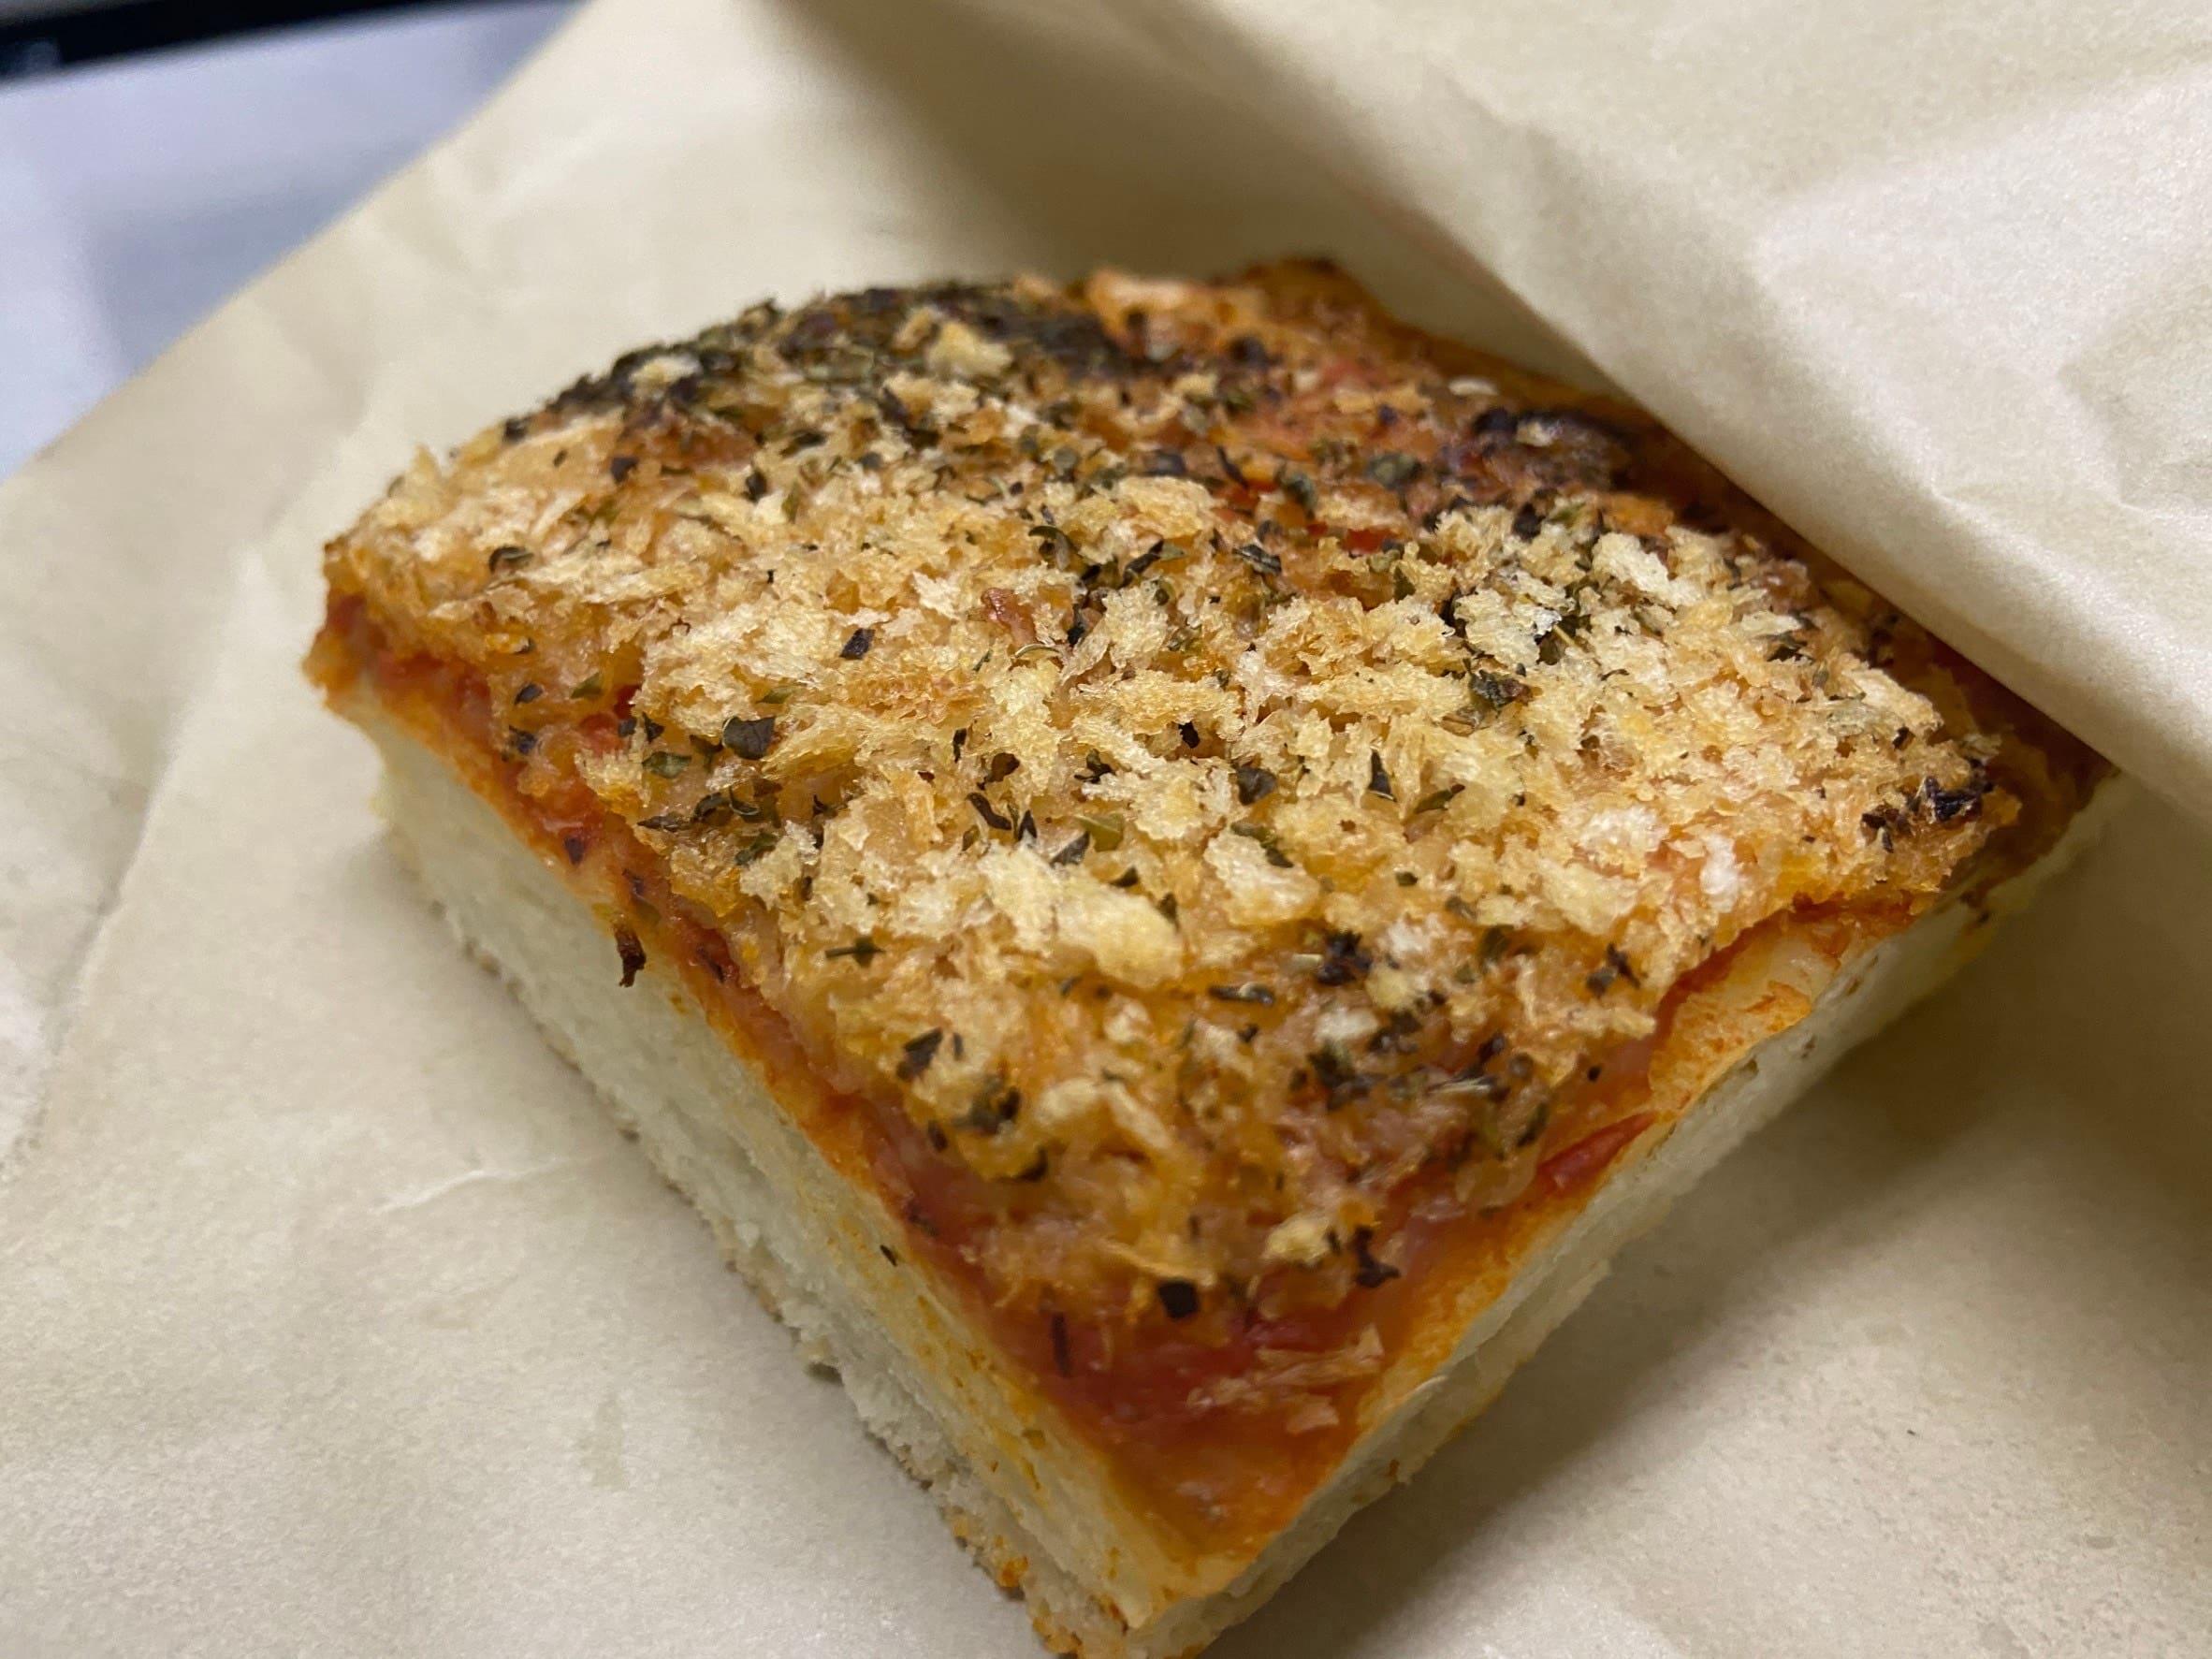 ふかふかのパン生地にたっぷりのトマトソースとアンチョビ、チーズ、パン粉、オレガノをふりかけてカリカリに焼き上げました。